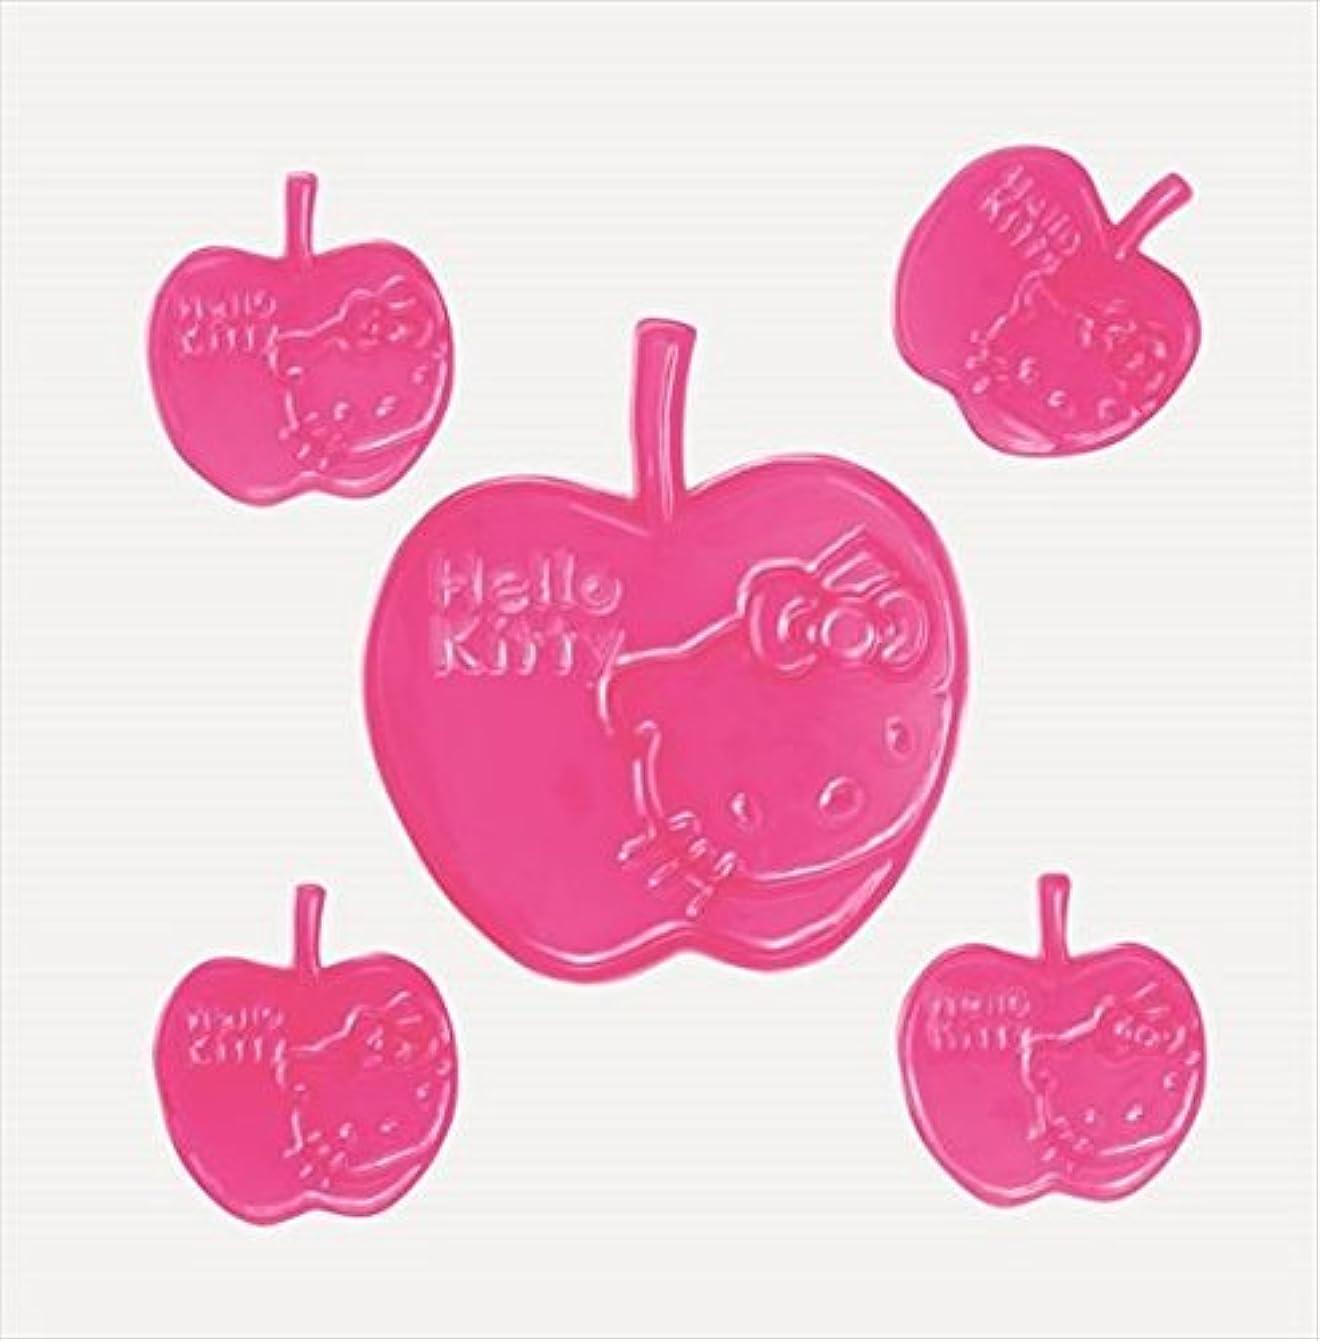 しみそうでなければ登録するGelGems(ジェルジェム) ジェルジェムハローキティバッグS 「 ピンクリンゴ 」 E1200002 キャンドル 200x255x5mm (E1200002)